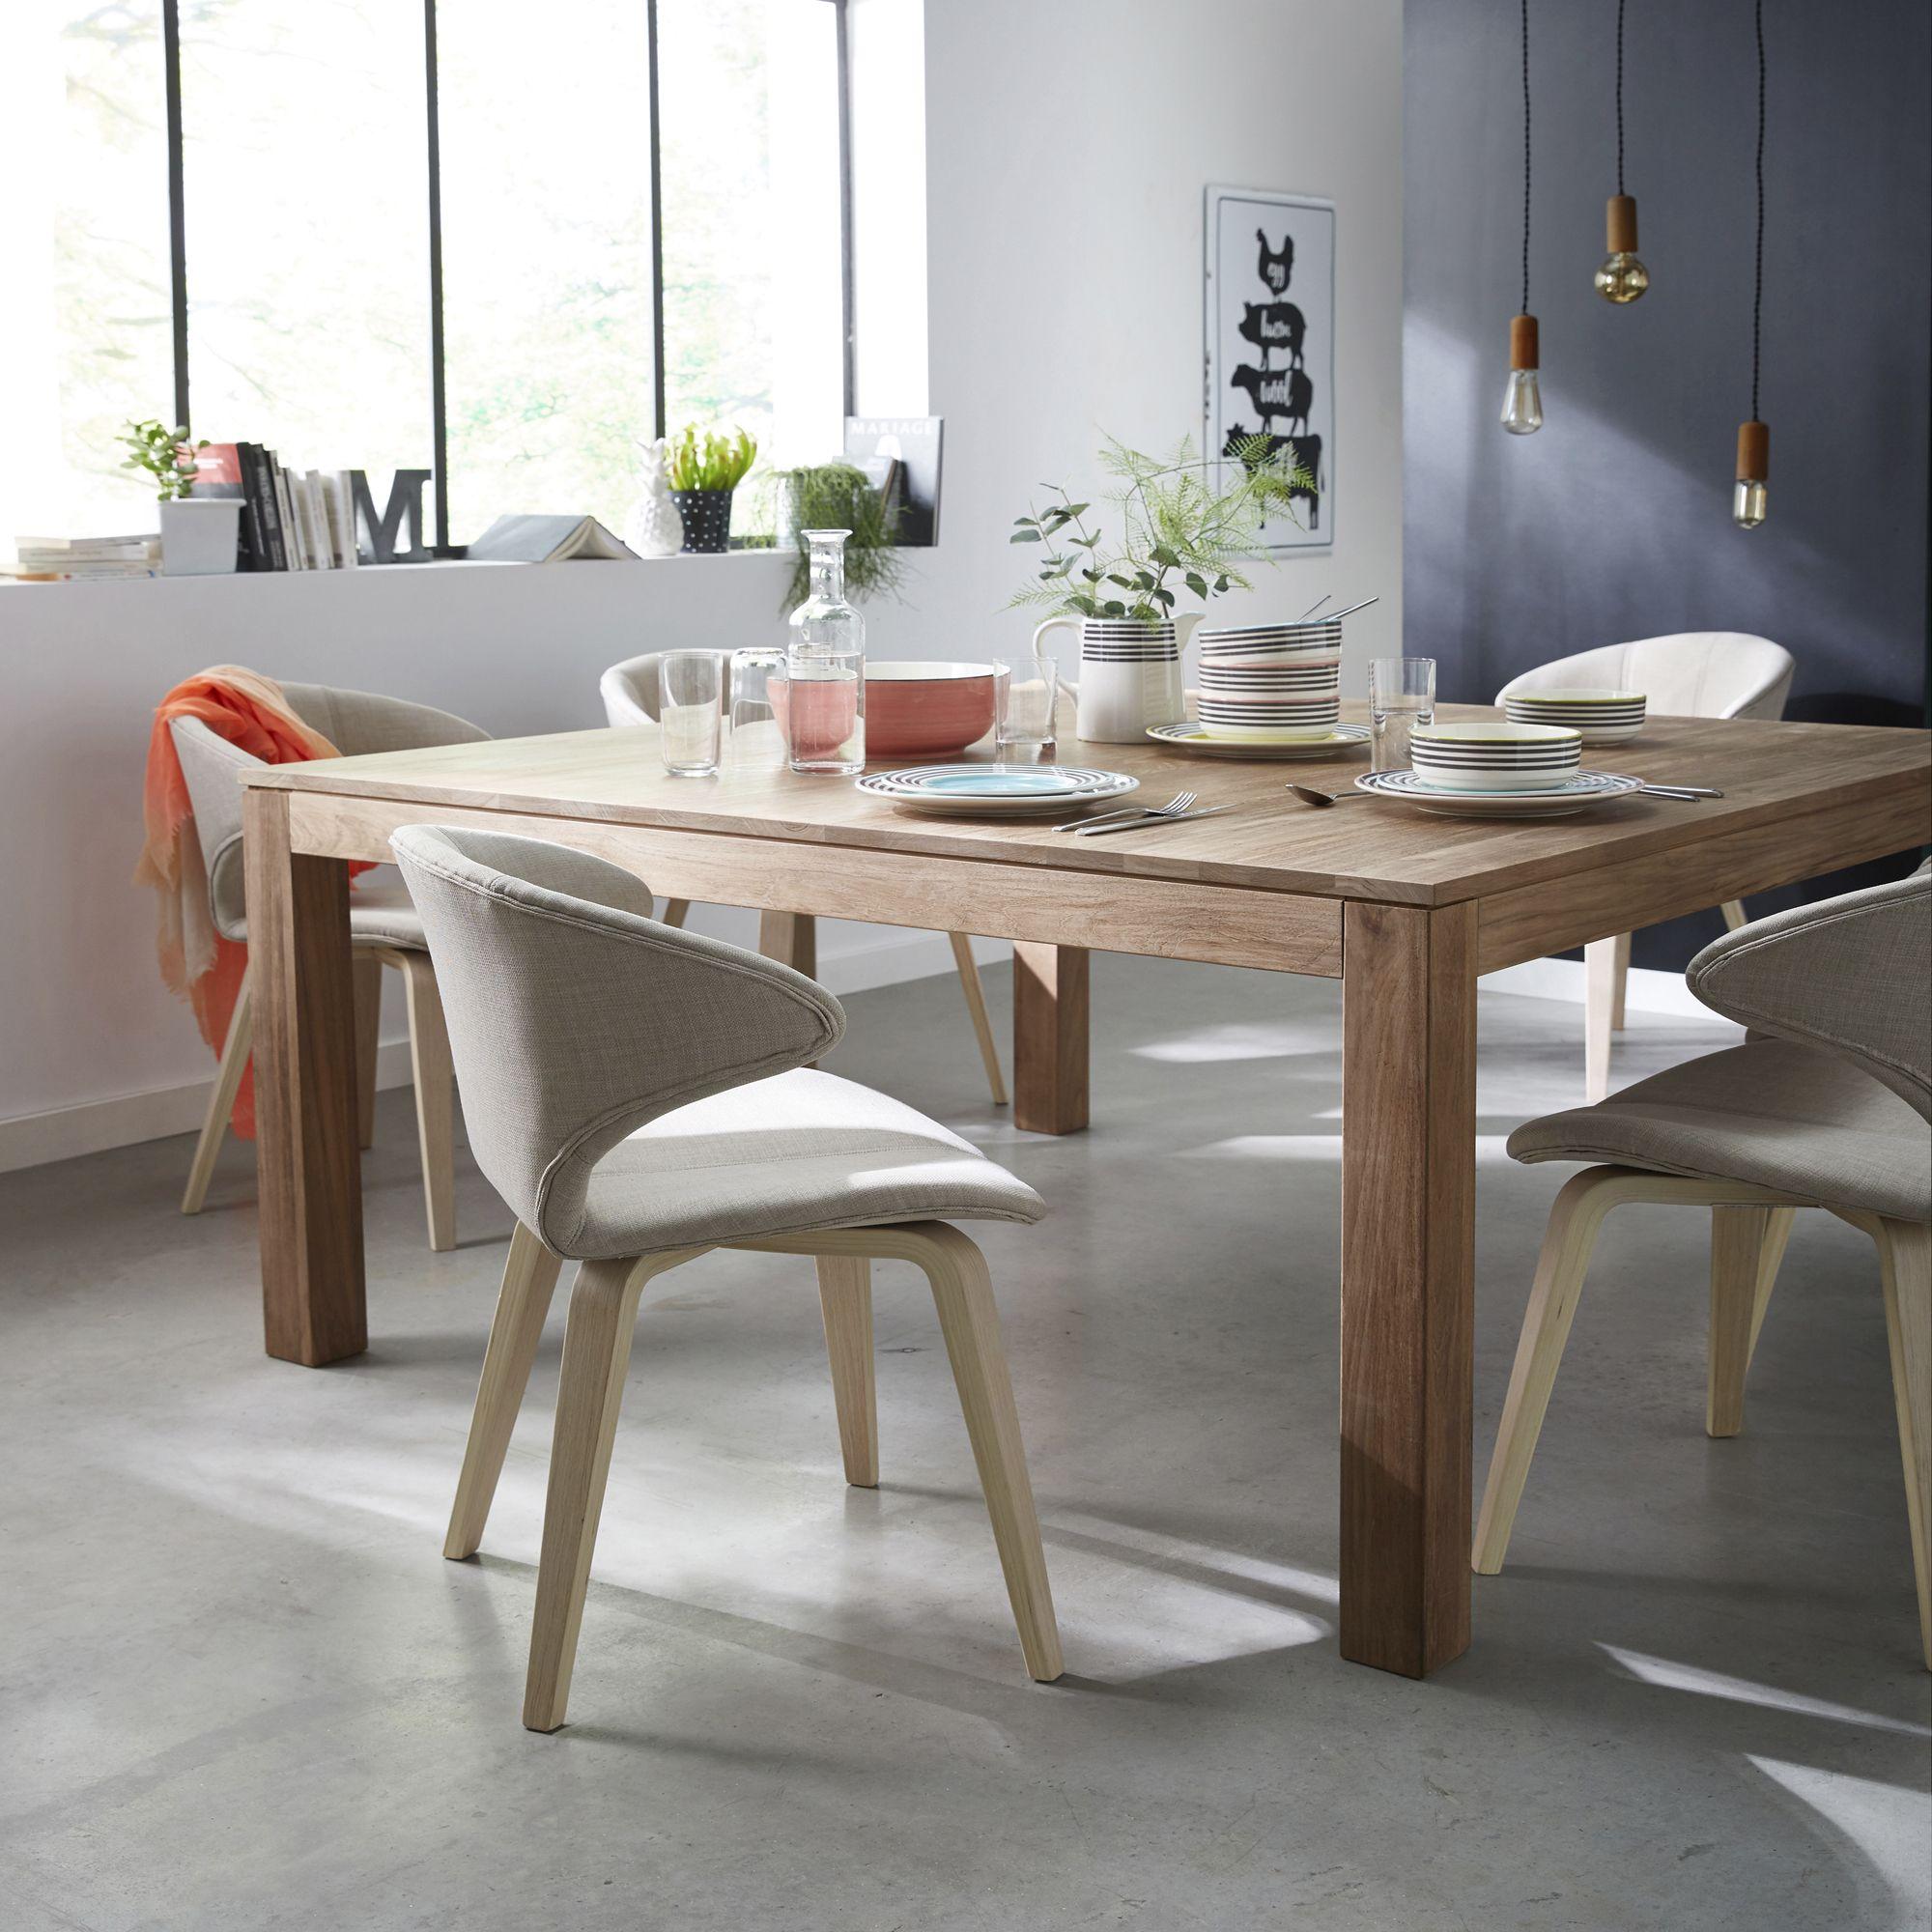 Chaises Alinea Salle A Manger: Idée Décoration Style Industriel